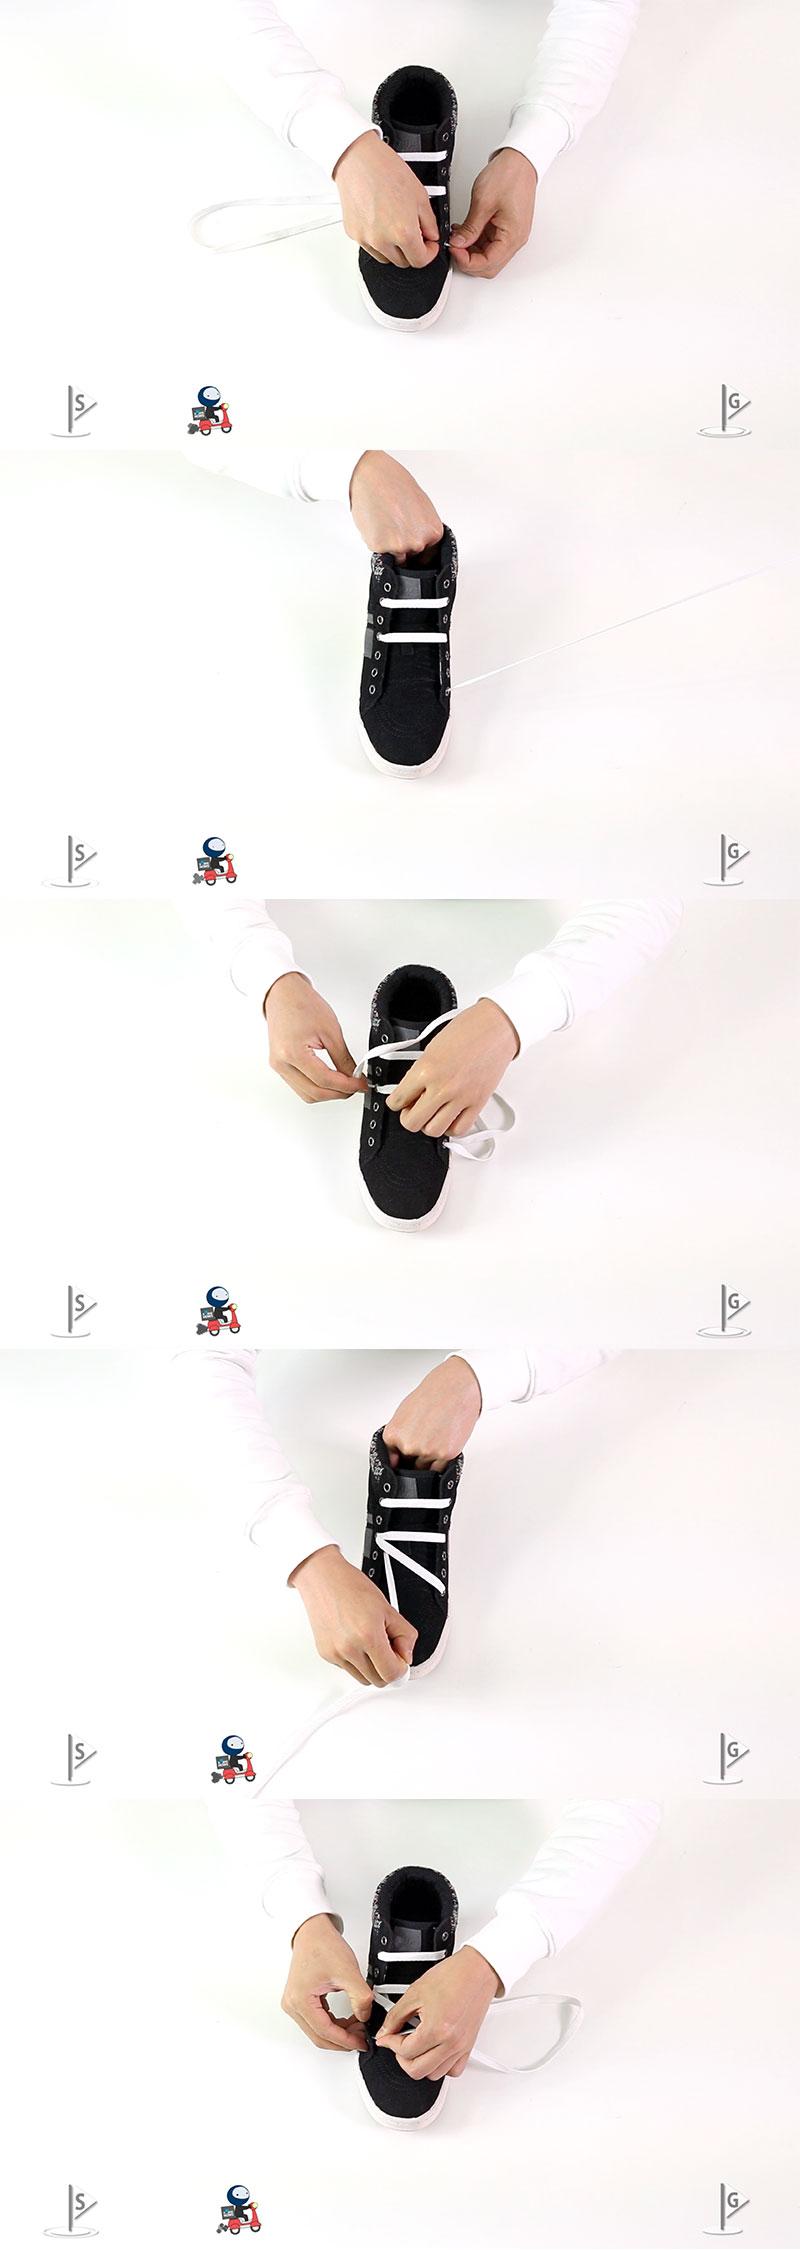 03 shoe laces 03